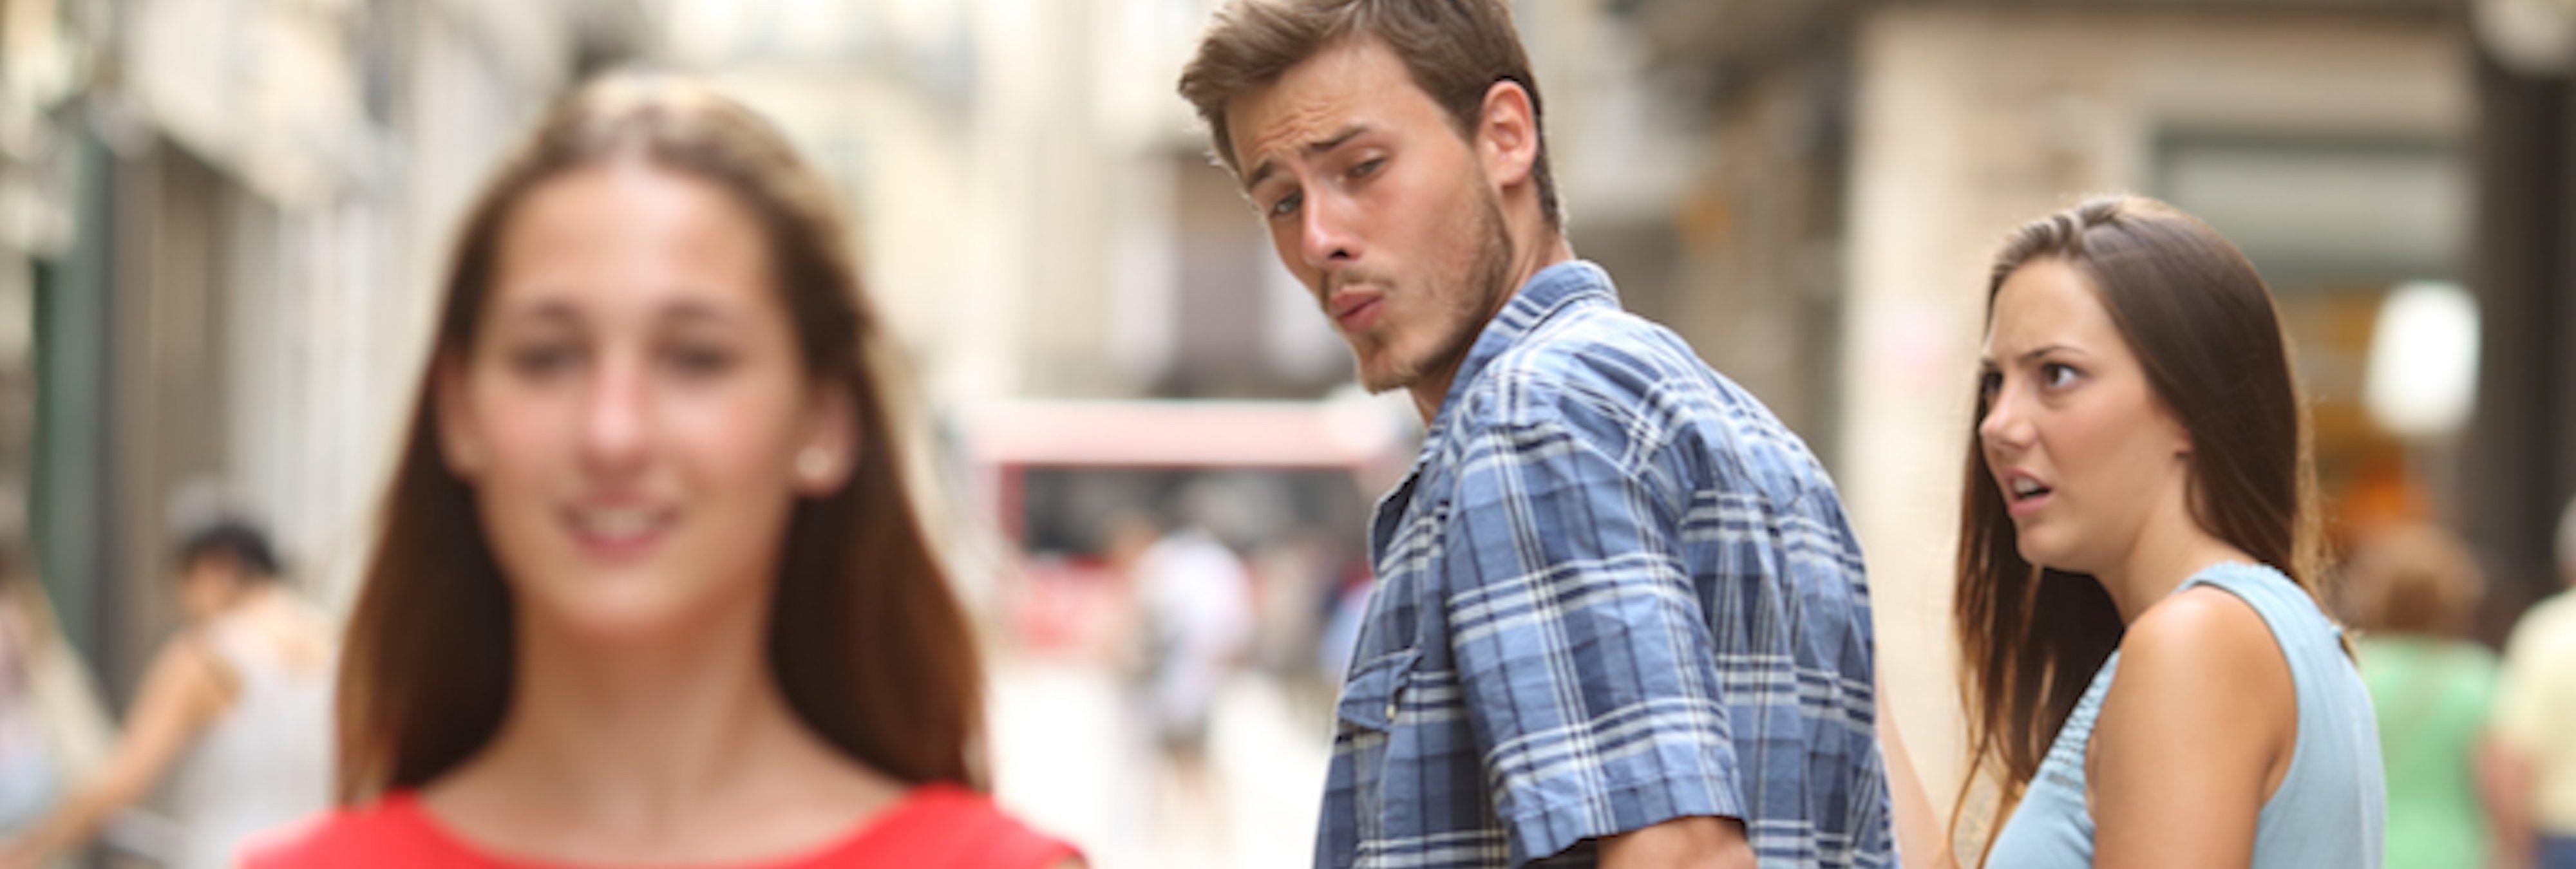 El 42% de los españoles considera aceptable la infidelidad